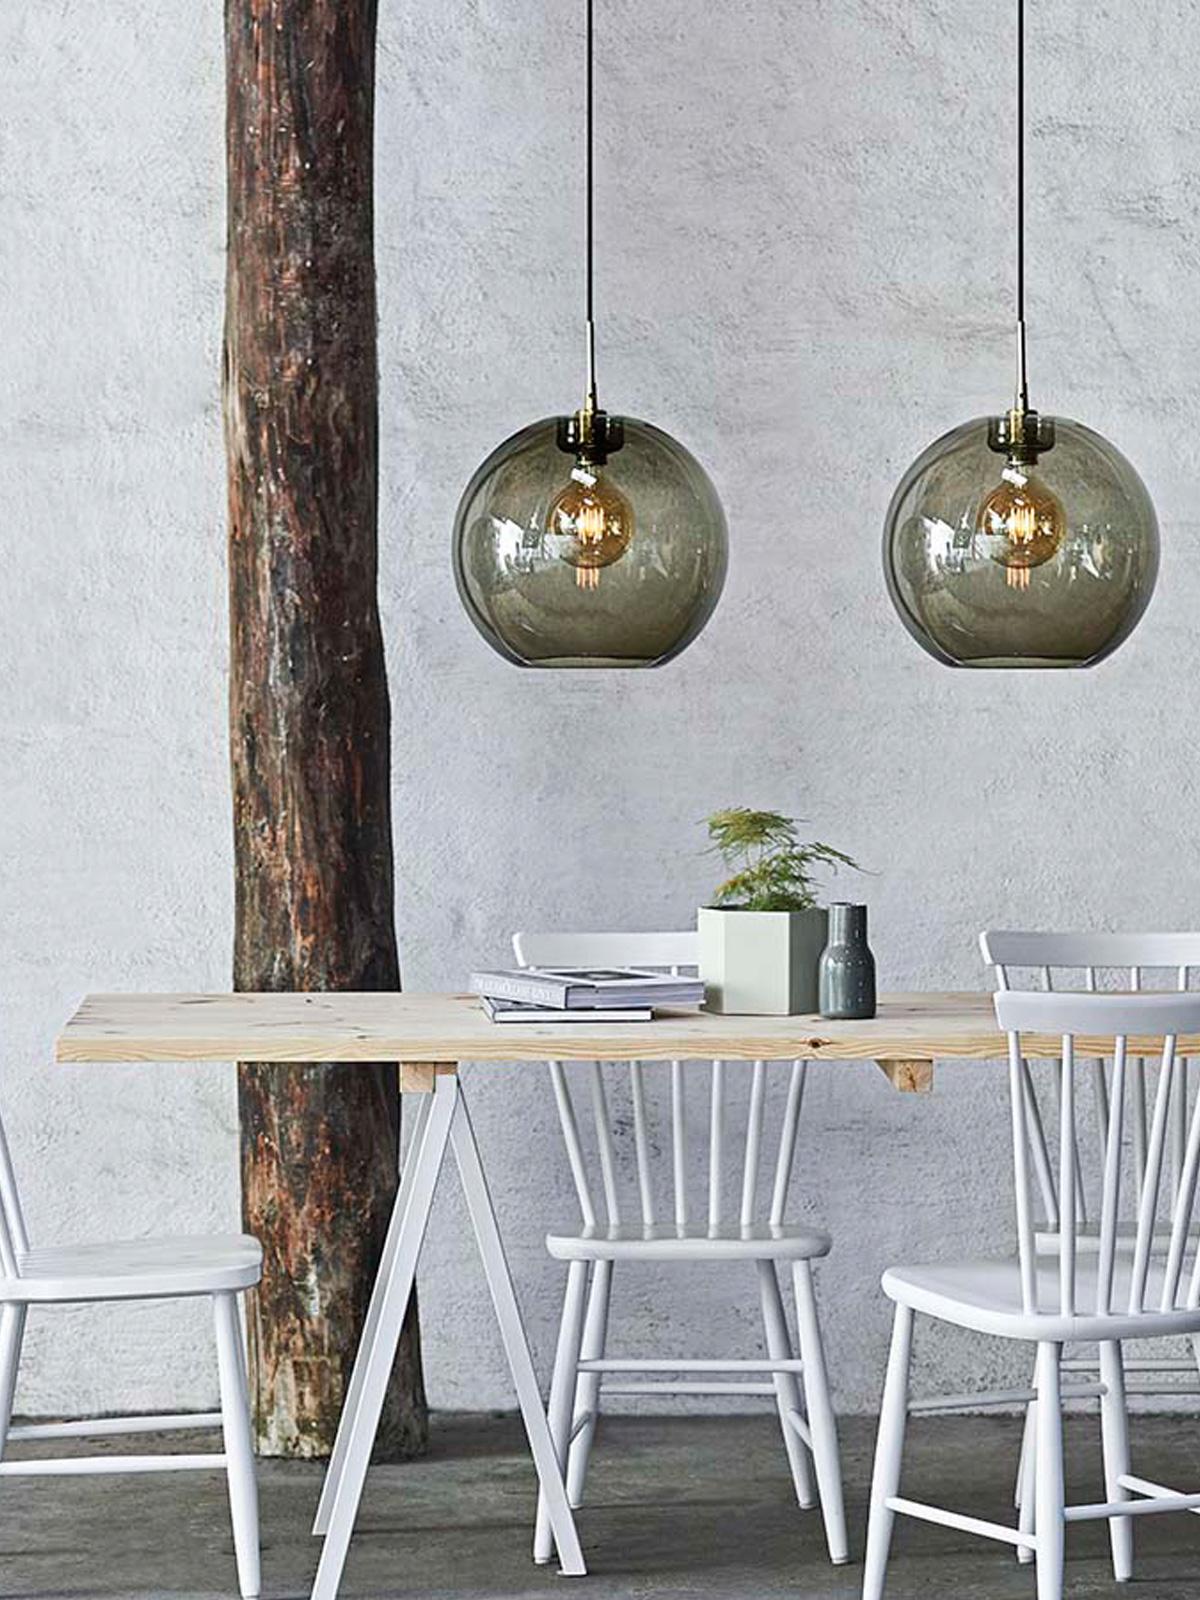 DesignOrt Blog: Trend rauchiges Glas Gloria Pendelleuchte von Belid DK